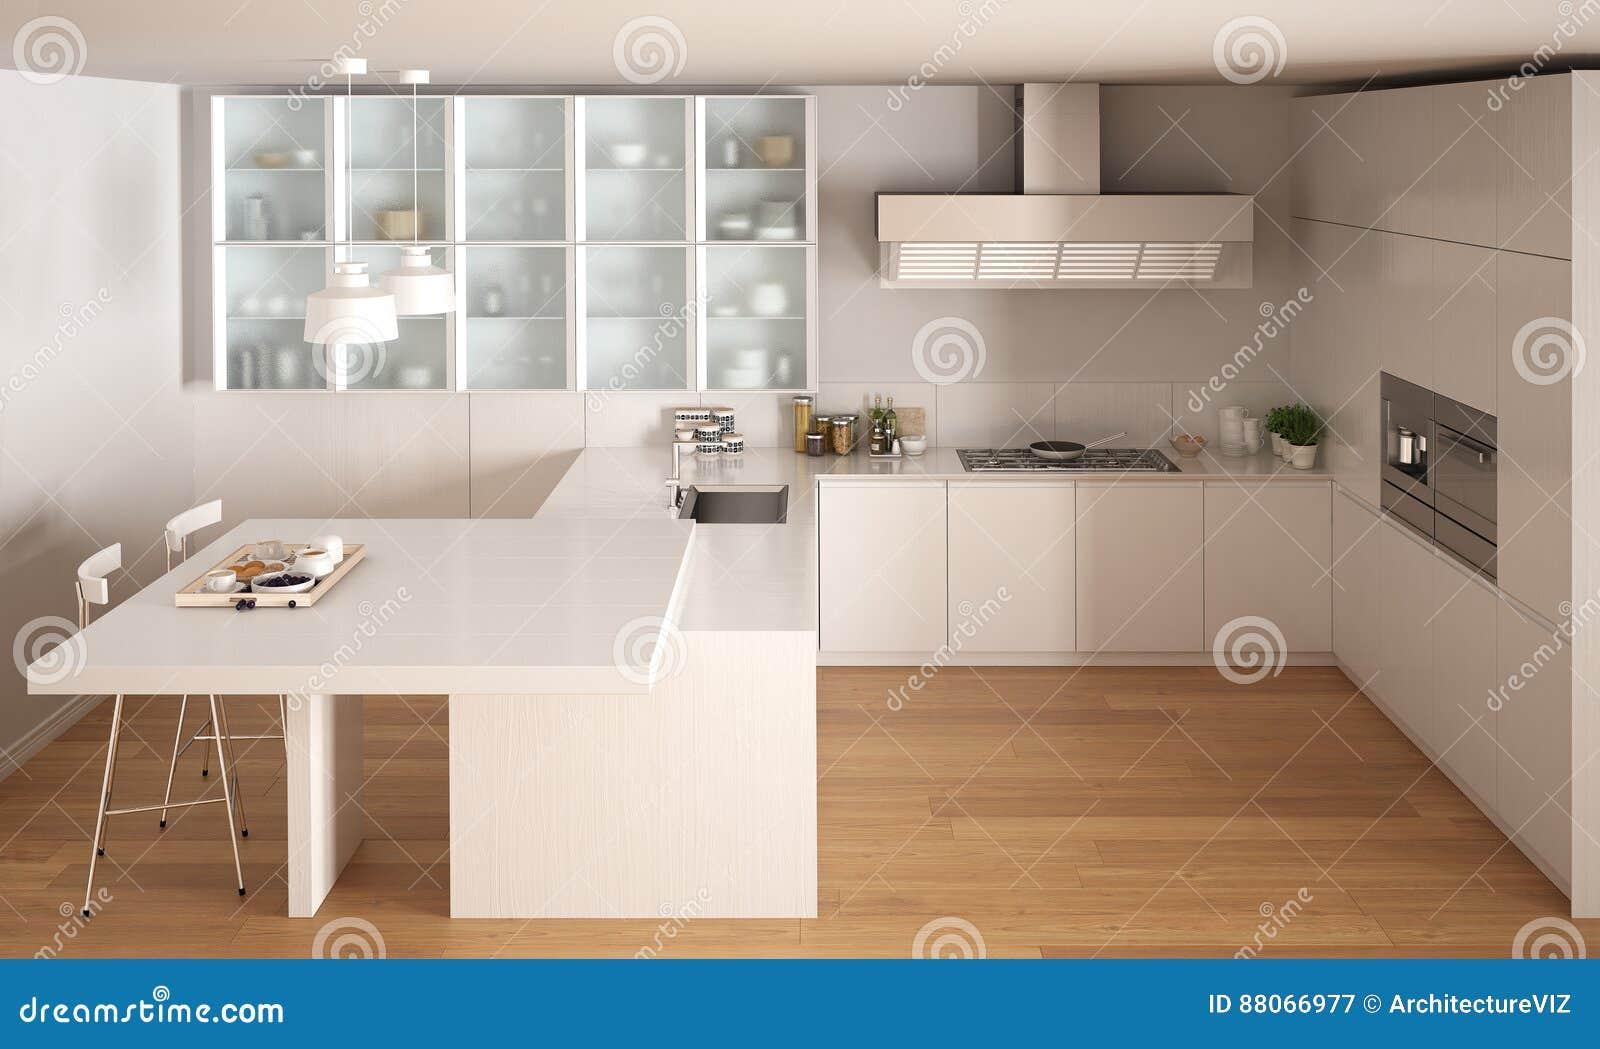 Cucina Bianca Minima Classica Con Il Pavimento Di Parquet, Interio ...